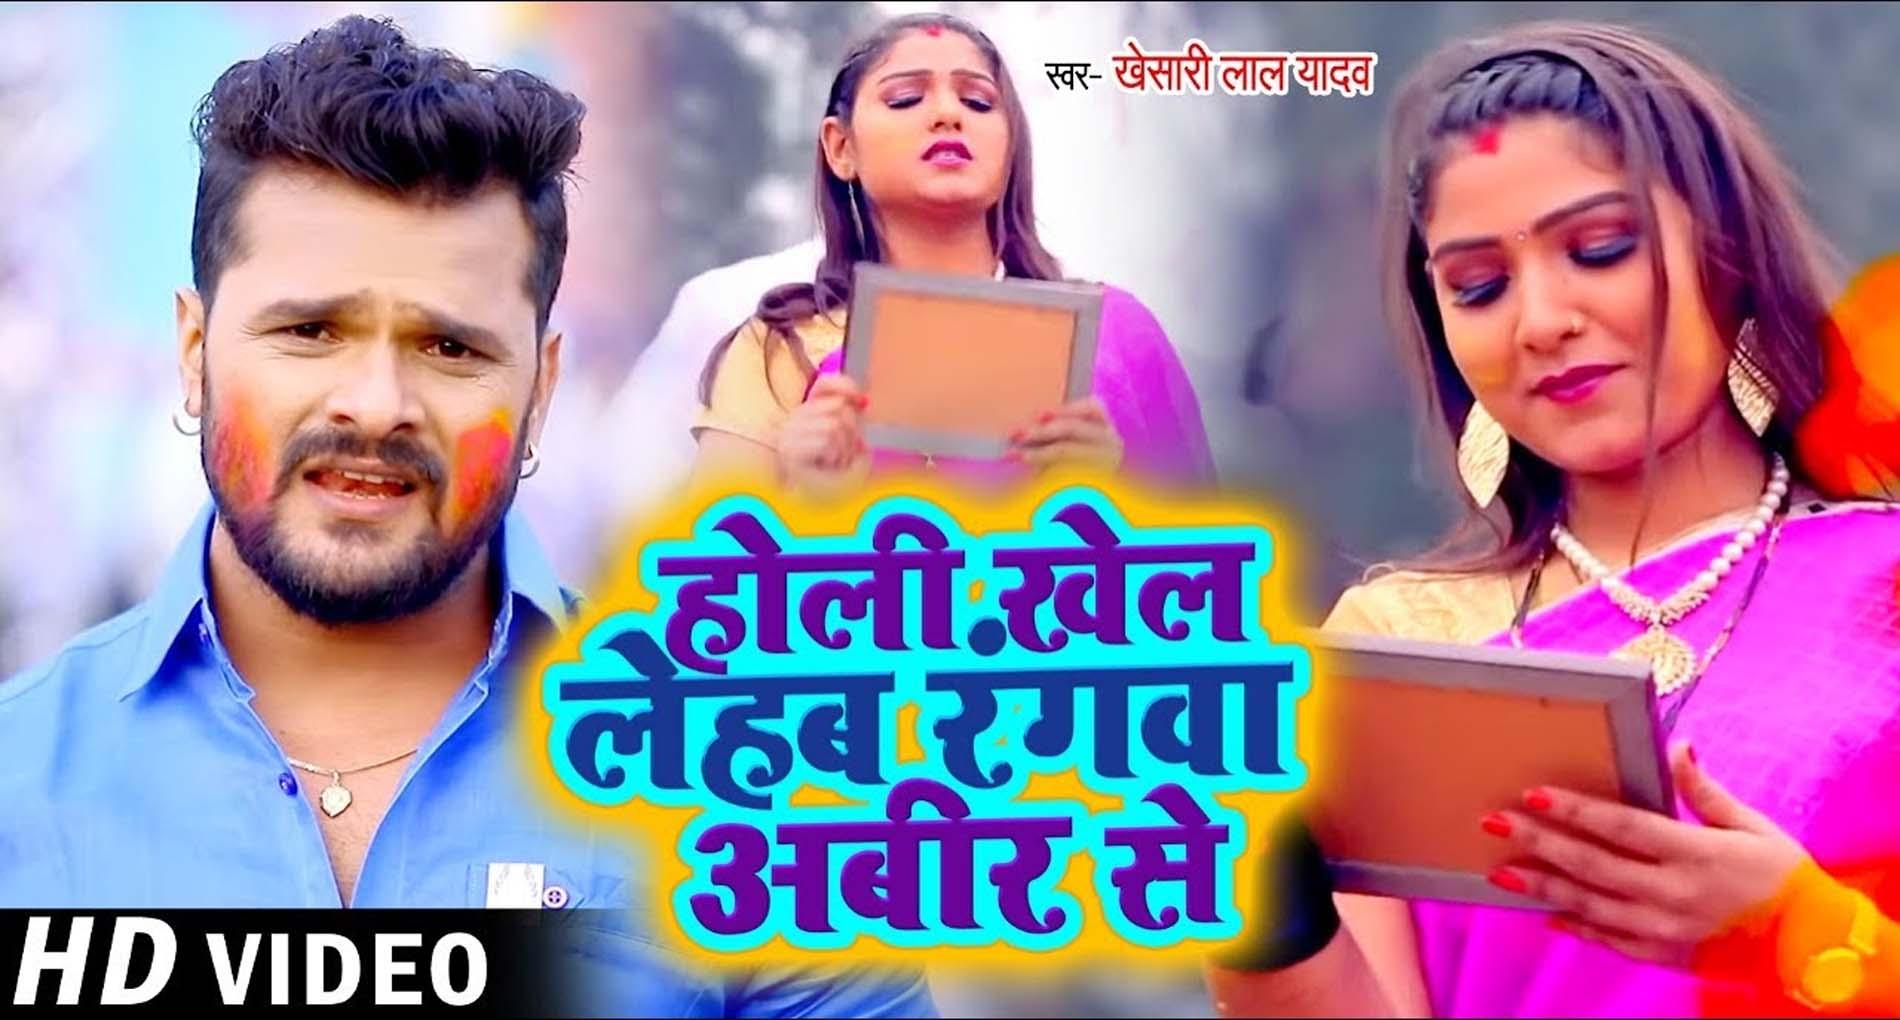 Khesari Lal Yadav Holi Song: धुआंधार है खेसारी लाल का नया गाना 'होली खेल लेहब रंगवा अबीर से'